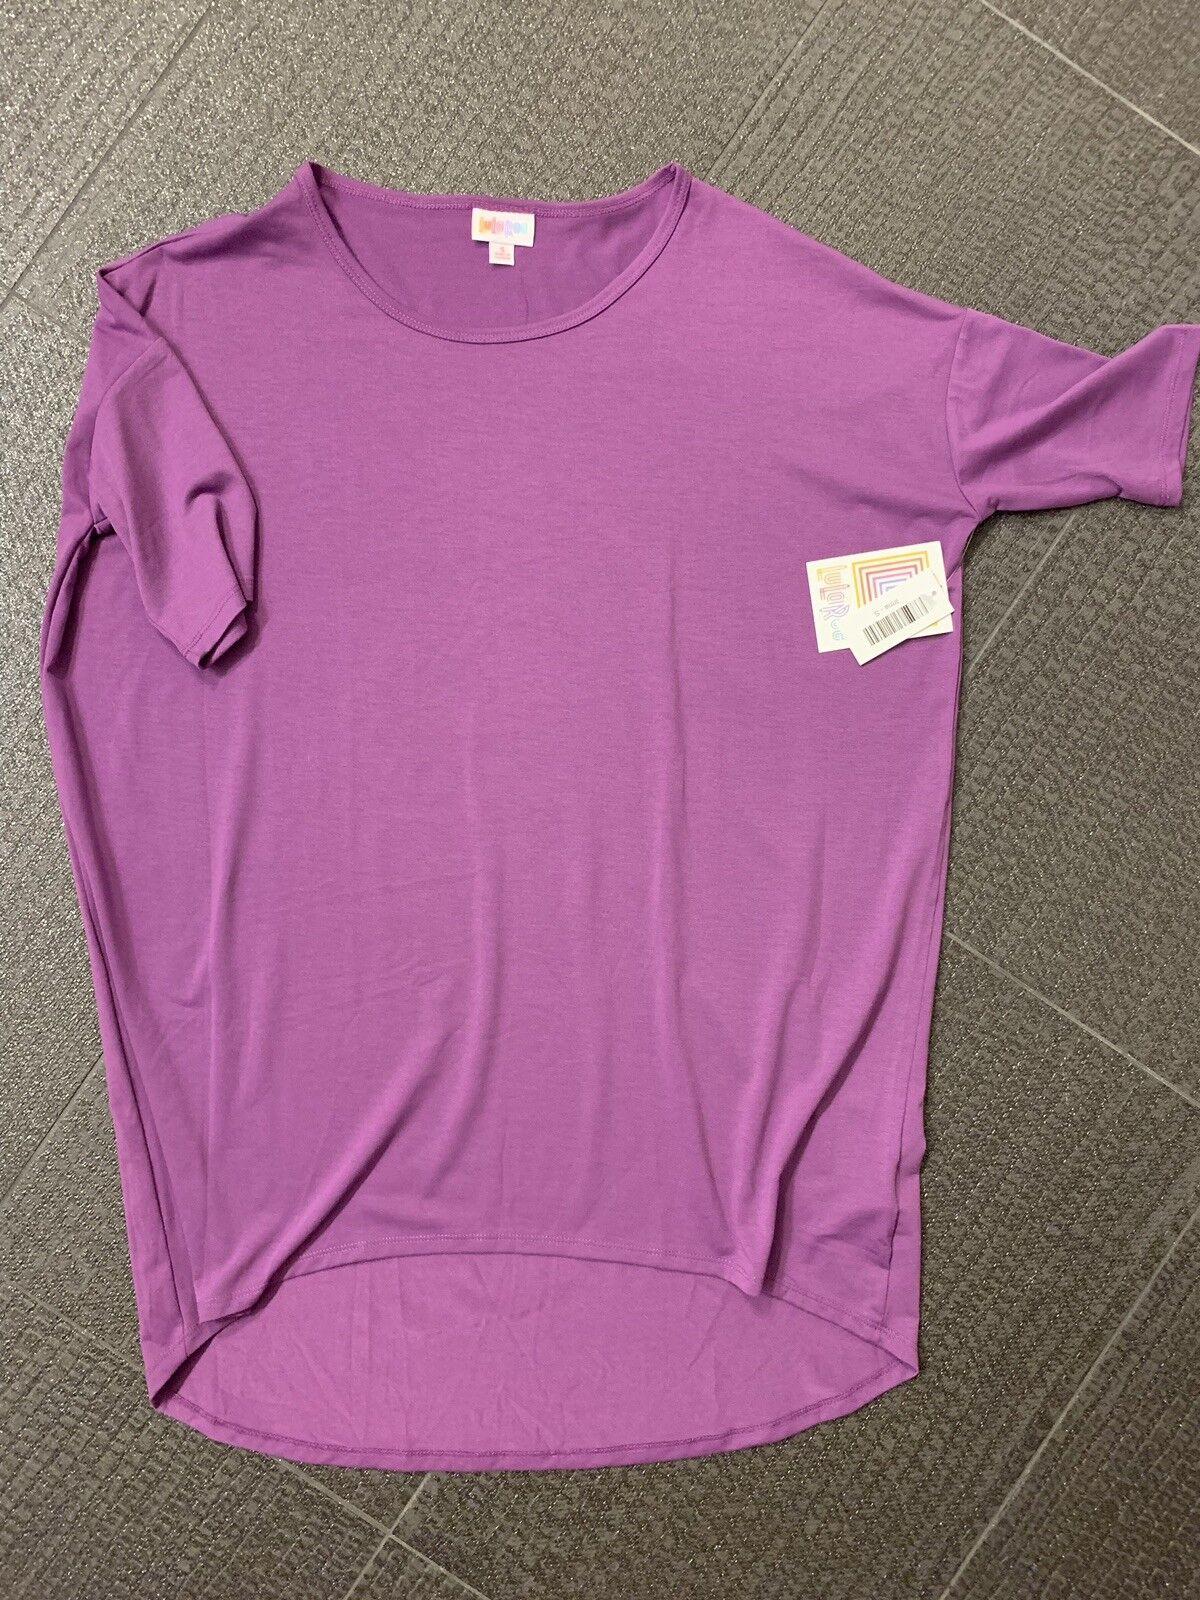 Lularoe LLR Irma Tunic Shirt Größe Small Solid lila Soft Stretchy Unicorn NWT